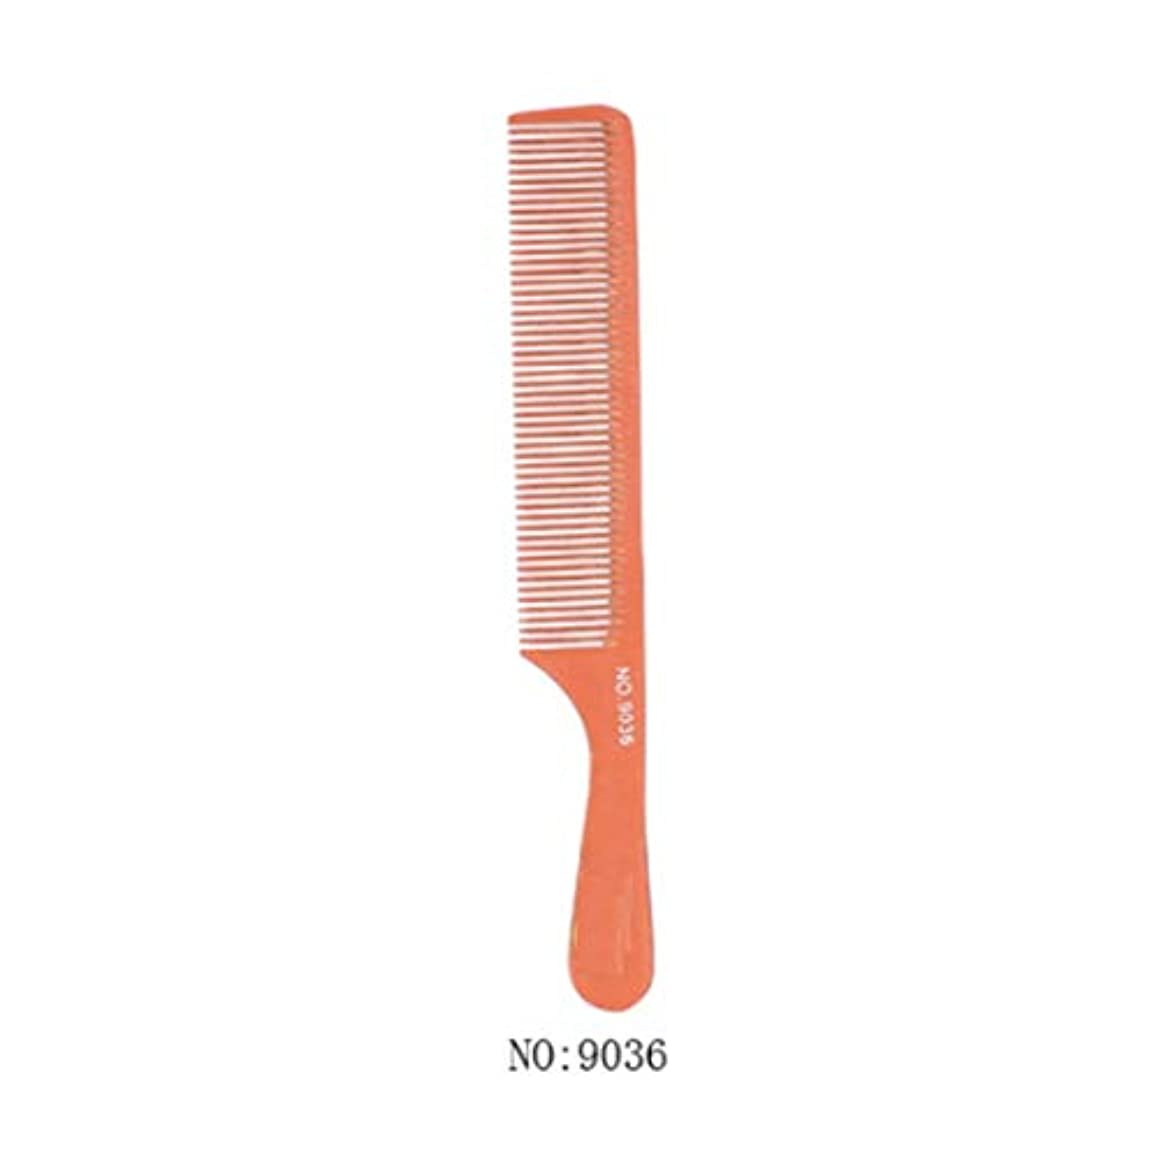 フェード平手打ちツーリスト髭、頭髪、口ひげのための帯電防止の&Snagのハンドメイドのブラシ無しの木 - 毛の櫛の家族 ヘアケア (Design : 9036)